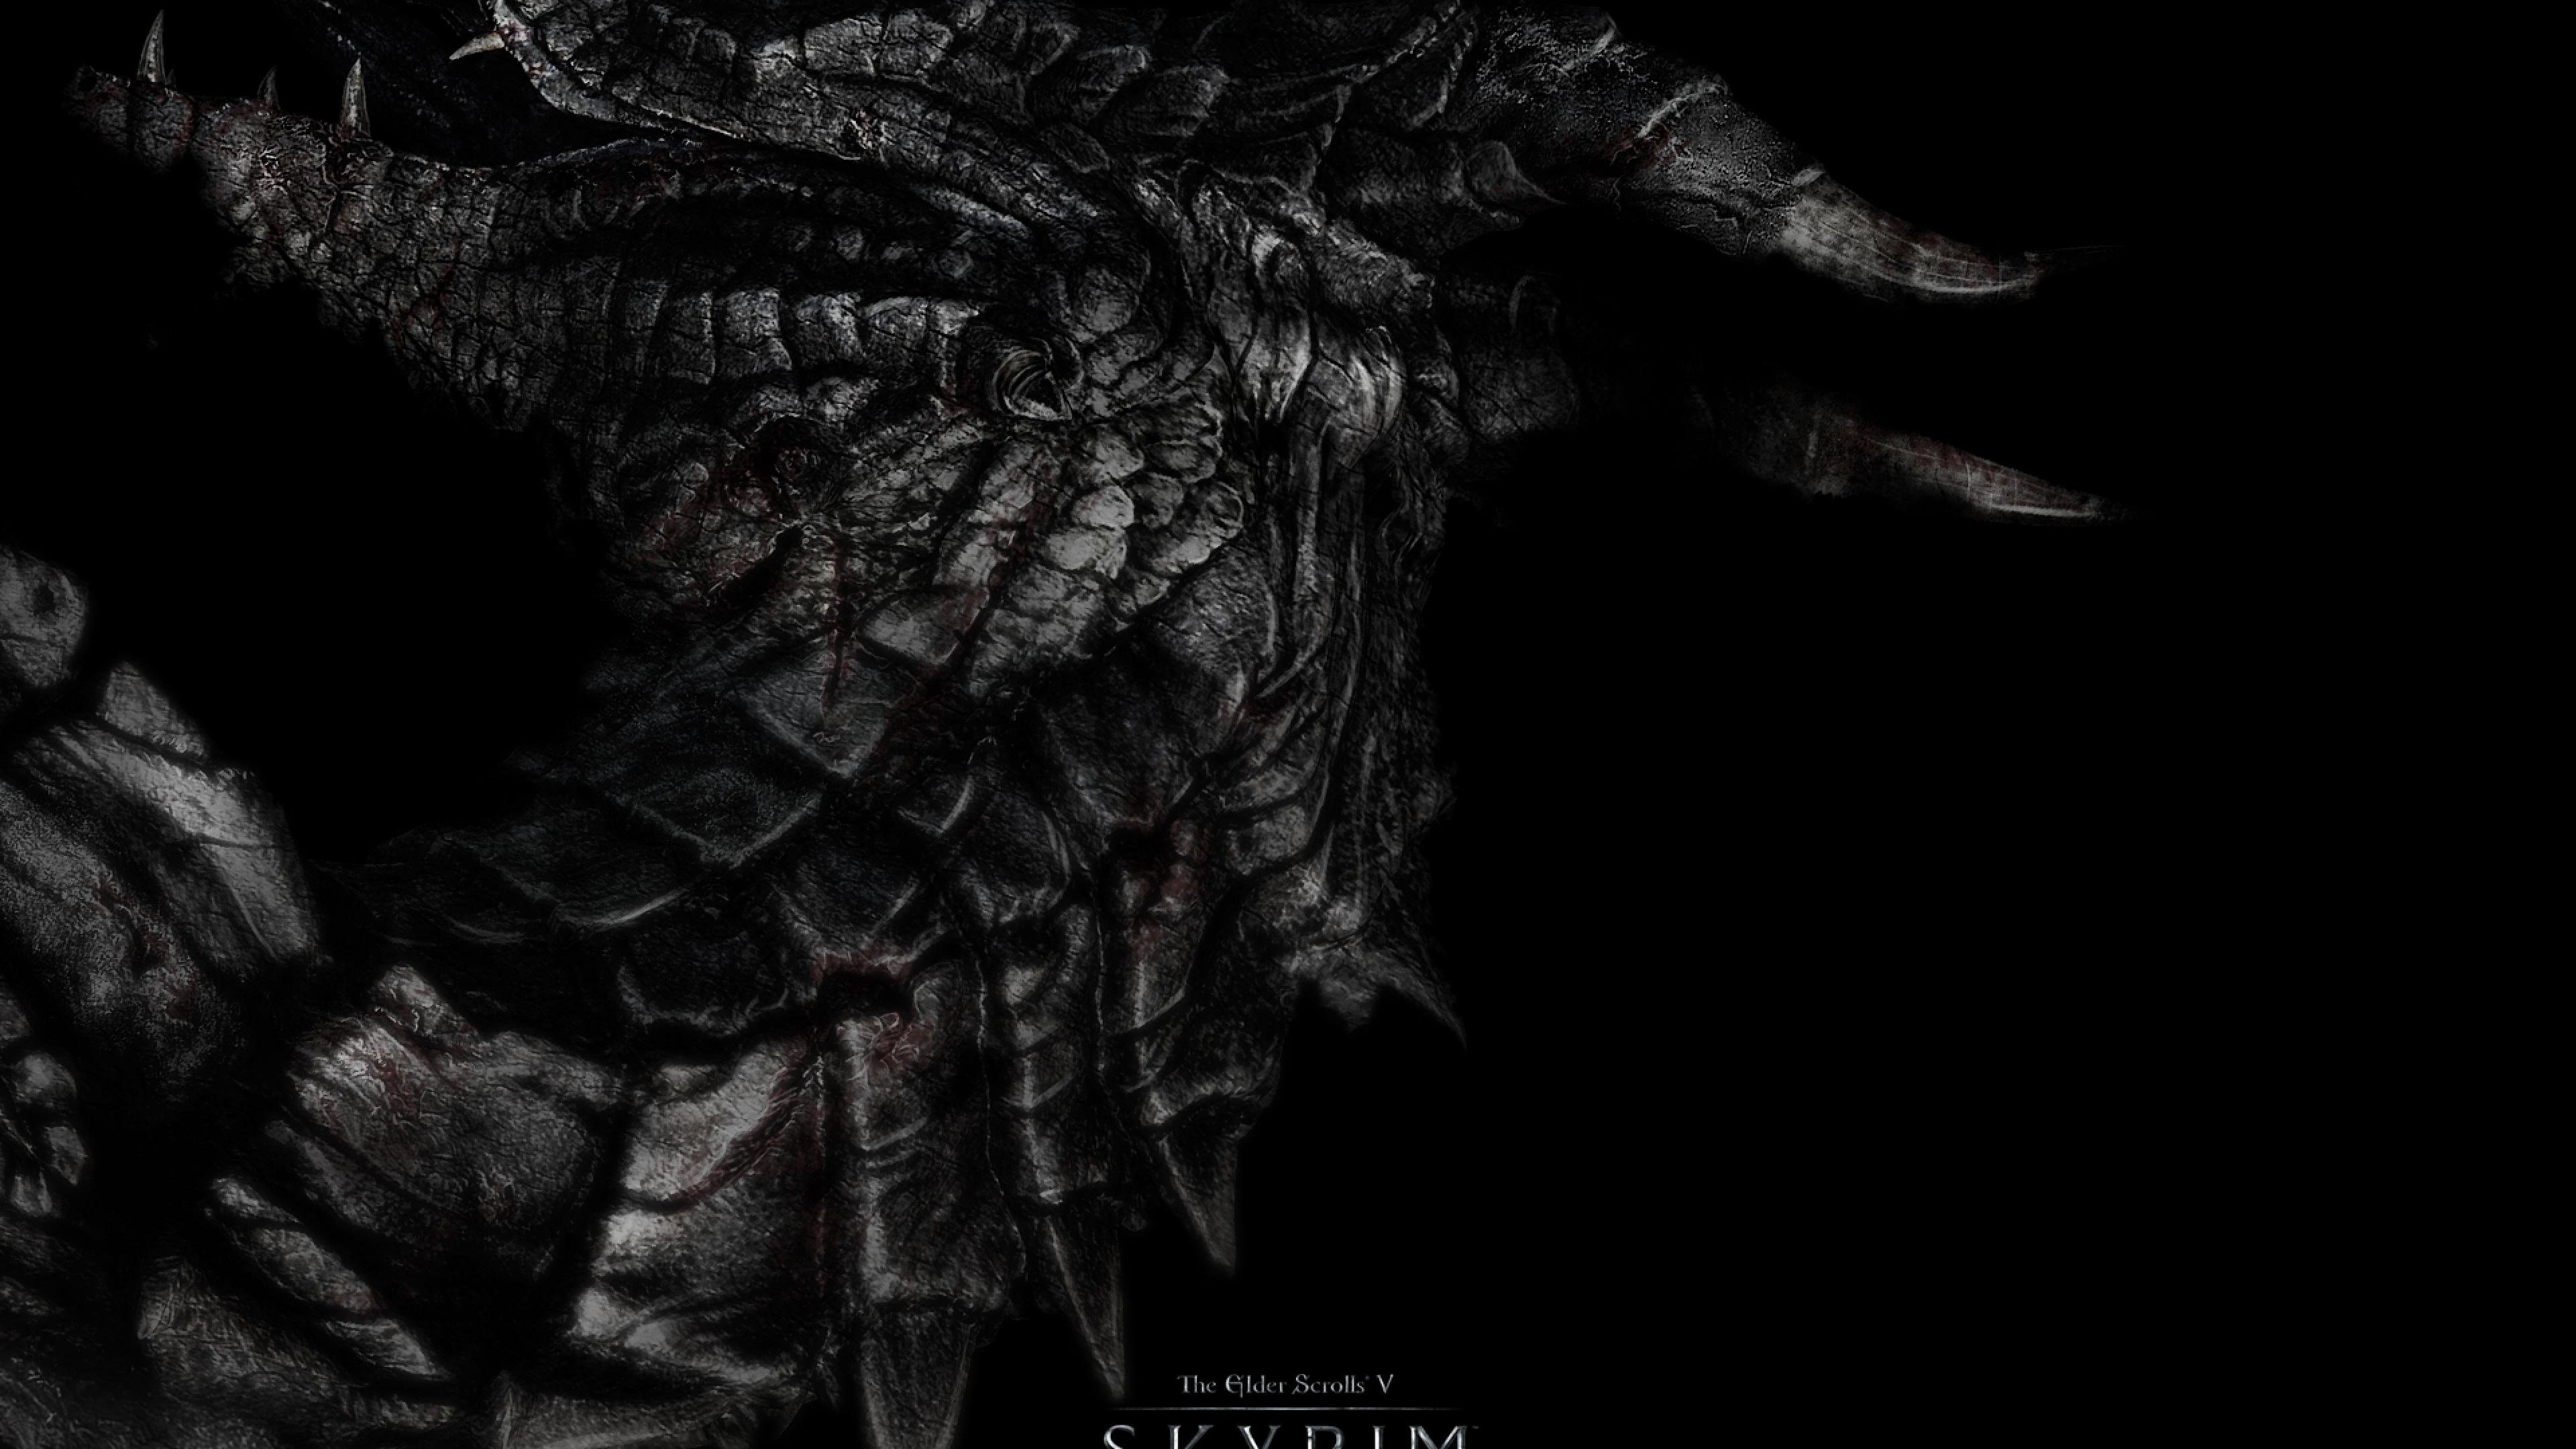 Skyrim werewolf smut fanfiction erotica clip